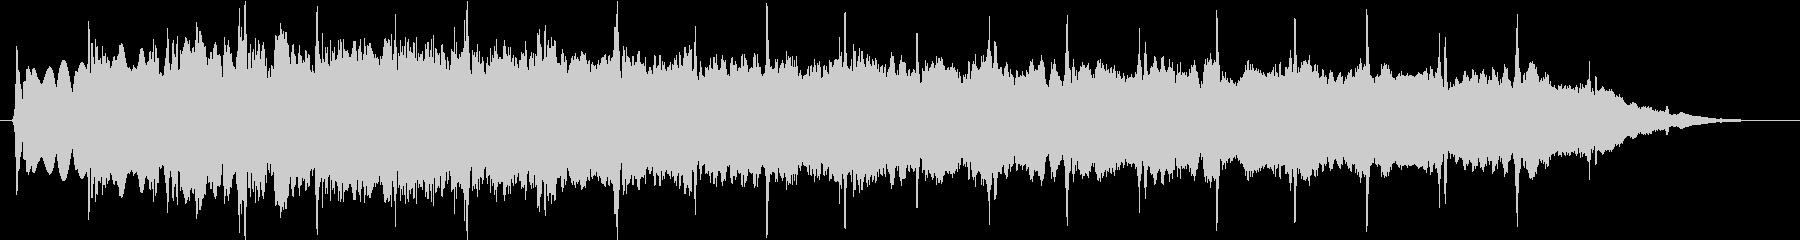 ピューン:異次元へワープする音2の未再生の波形